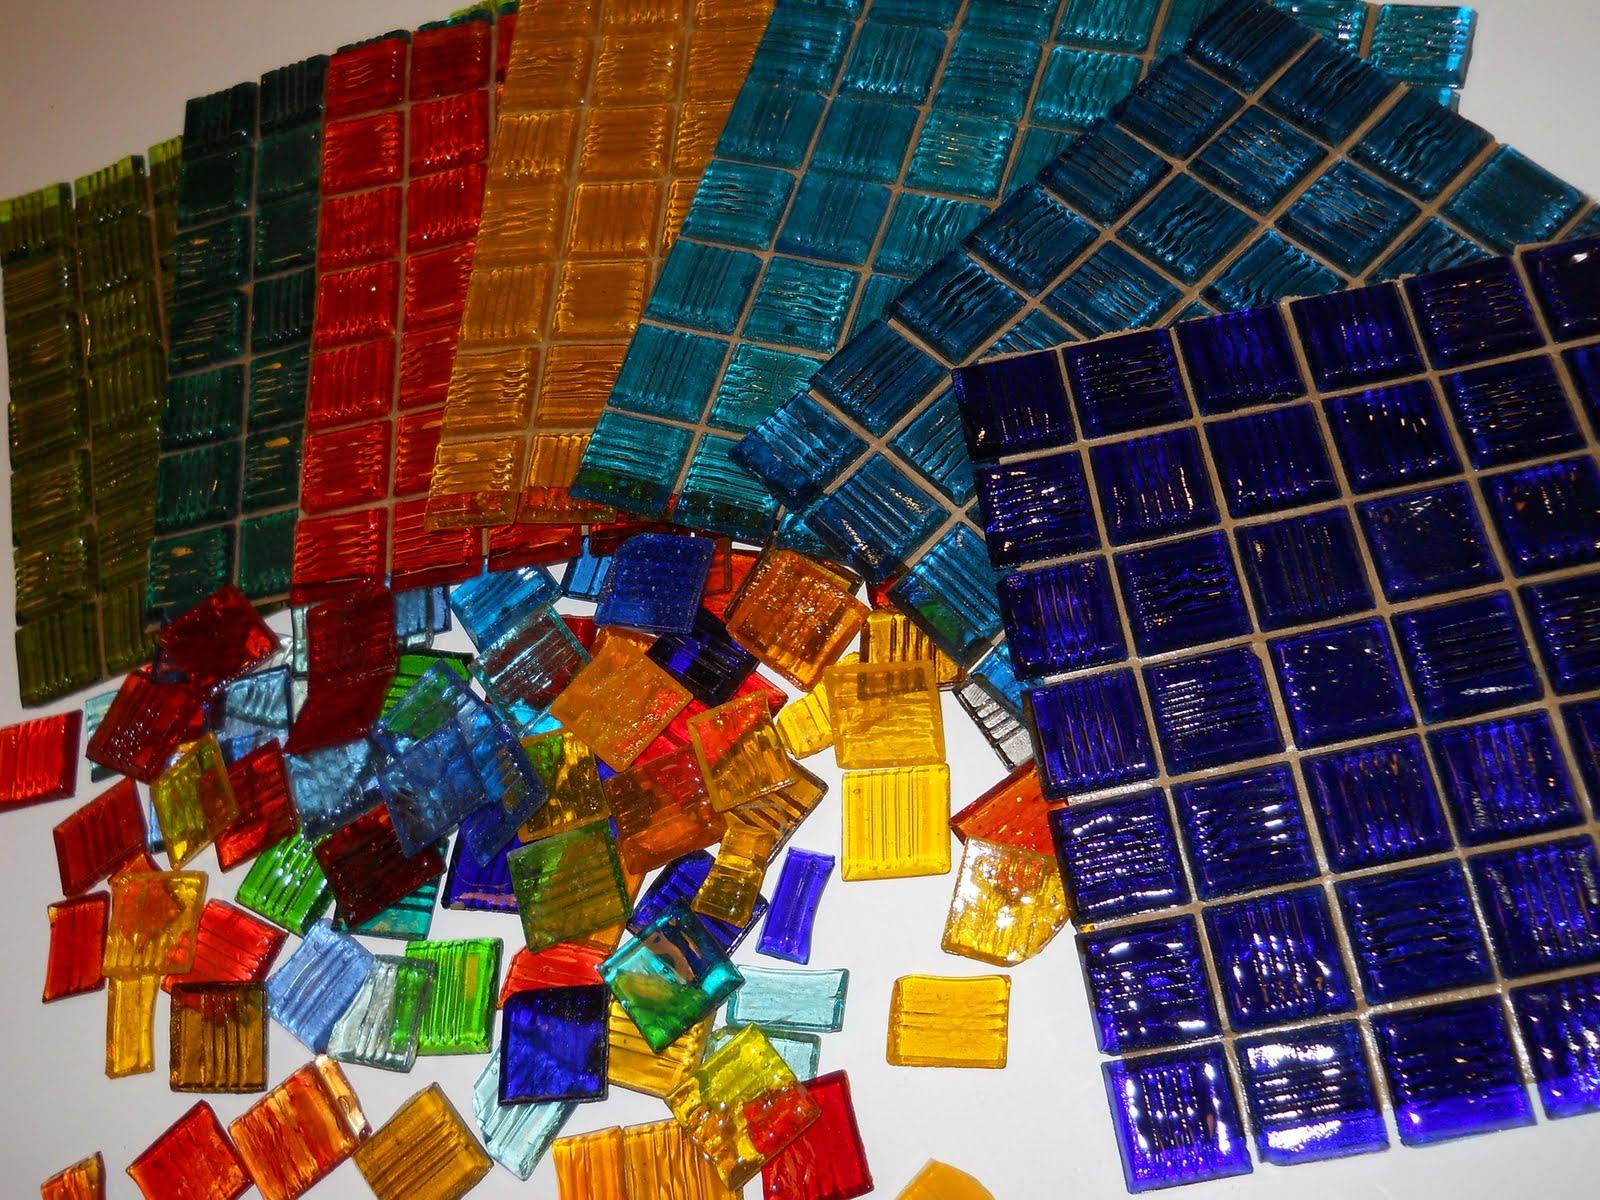 Centro del mosaico contempor neo julio 2011 for Donde venden espejos